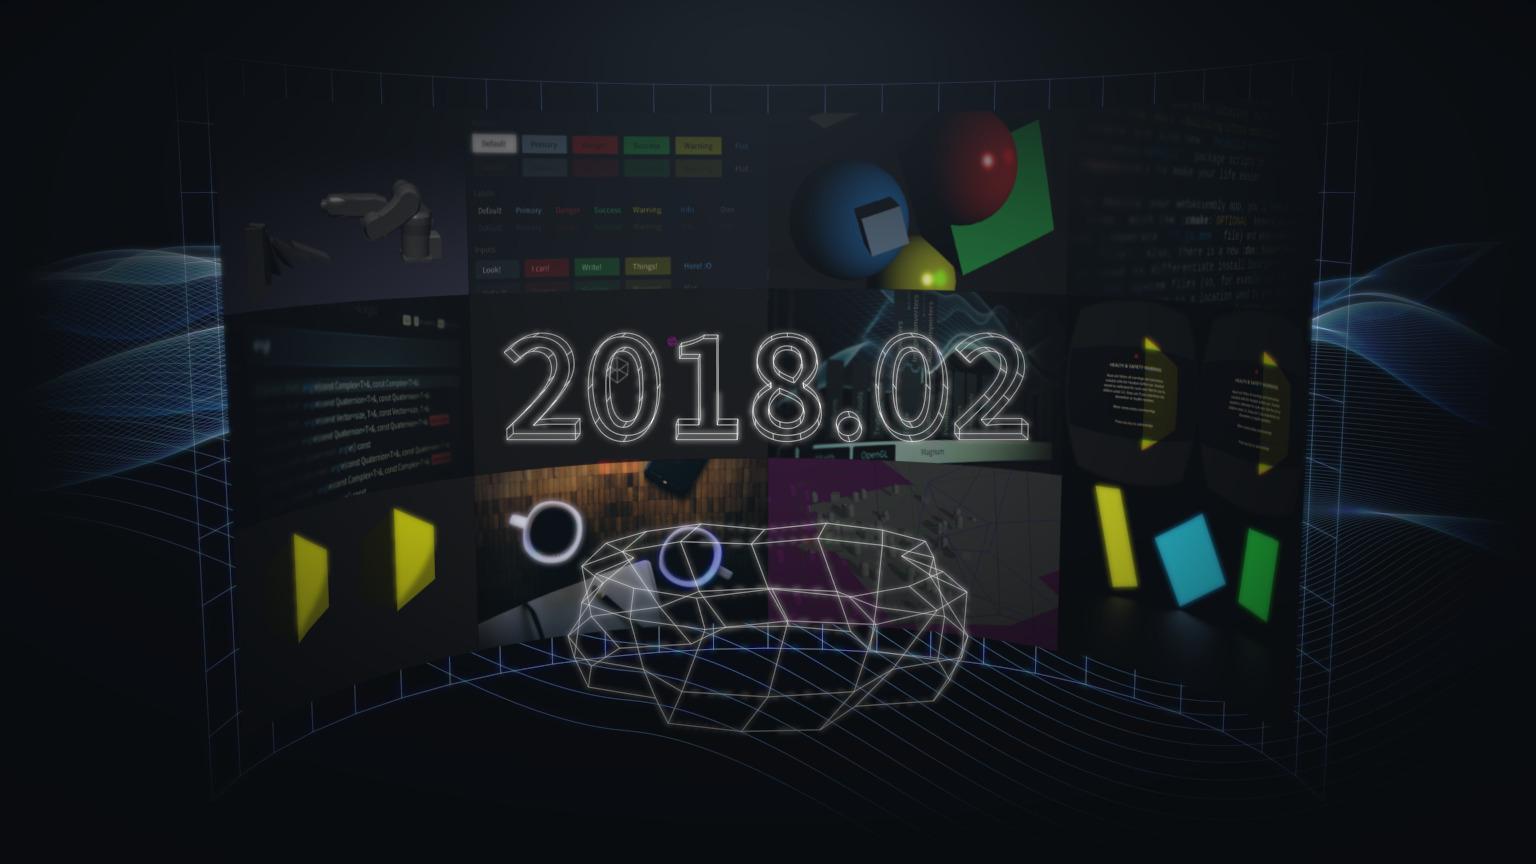 Magnum 2018 02 released | Magnum Engine Blog